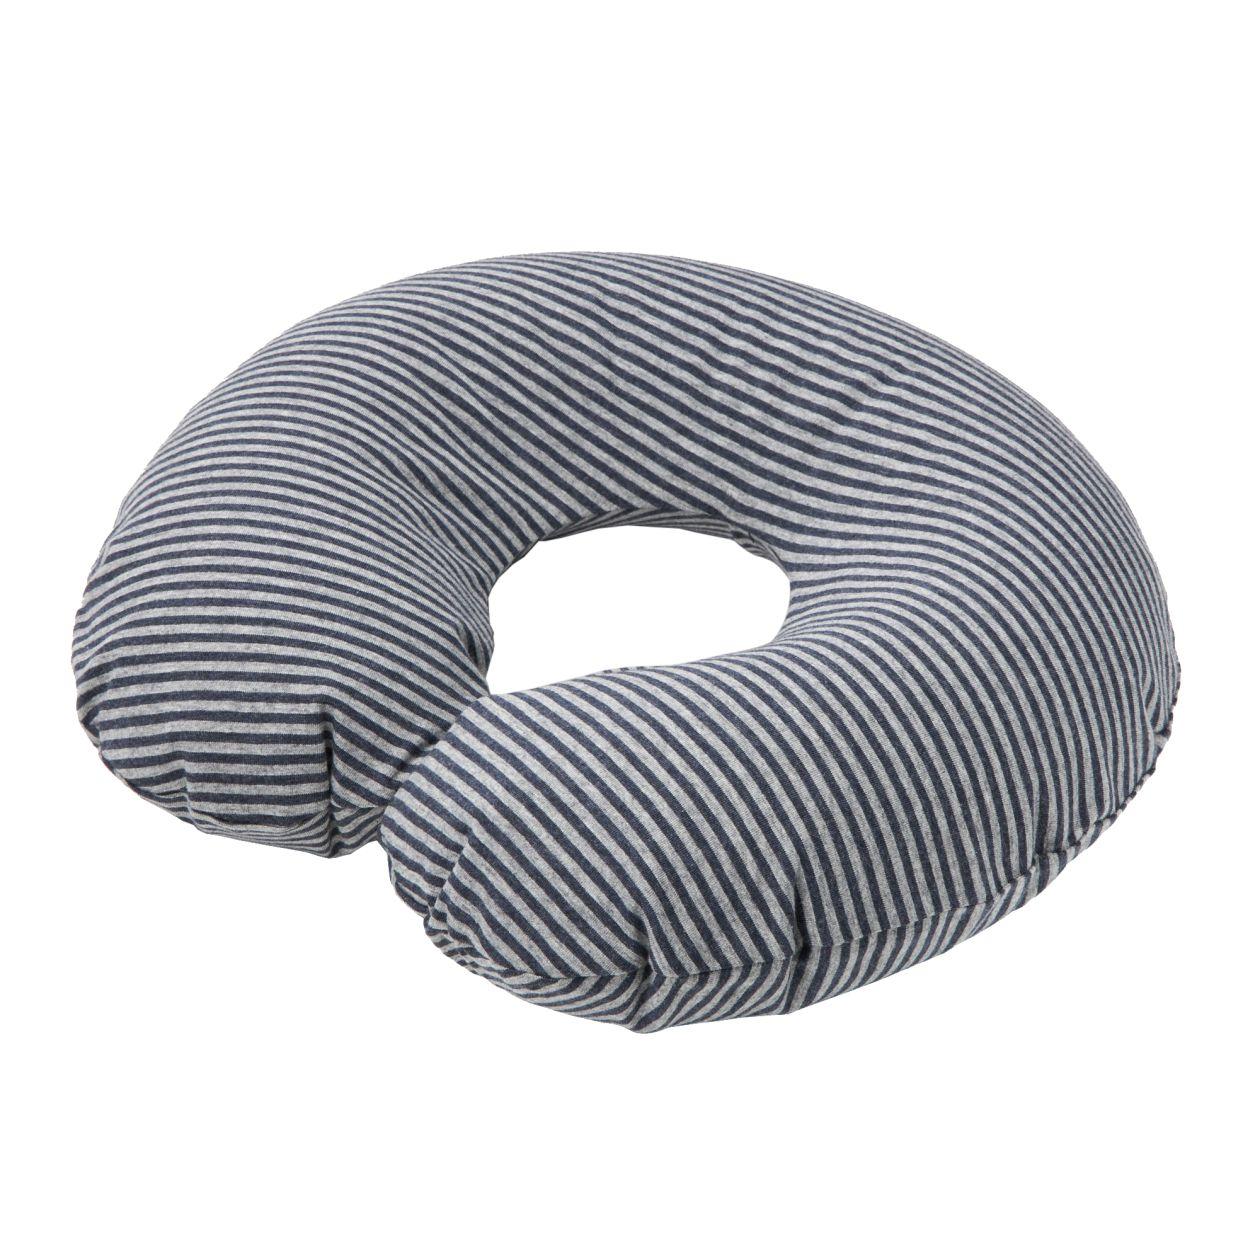 [무인양품] 면 저지 휴대용 넥 쿠션 멜란지 네이비×멜란지 그레이・약37×45cm MUJI 일본 공식스토어